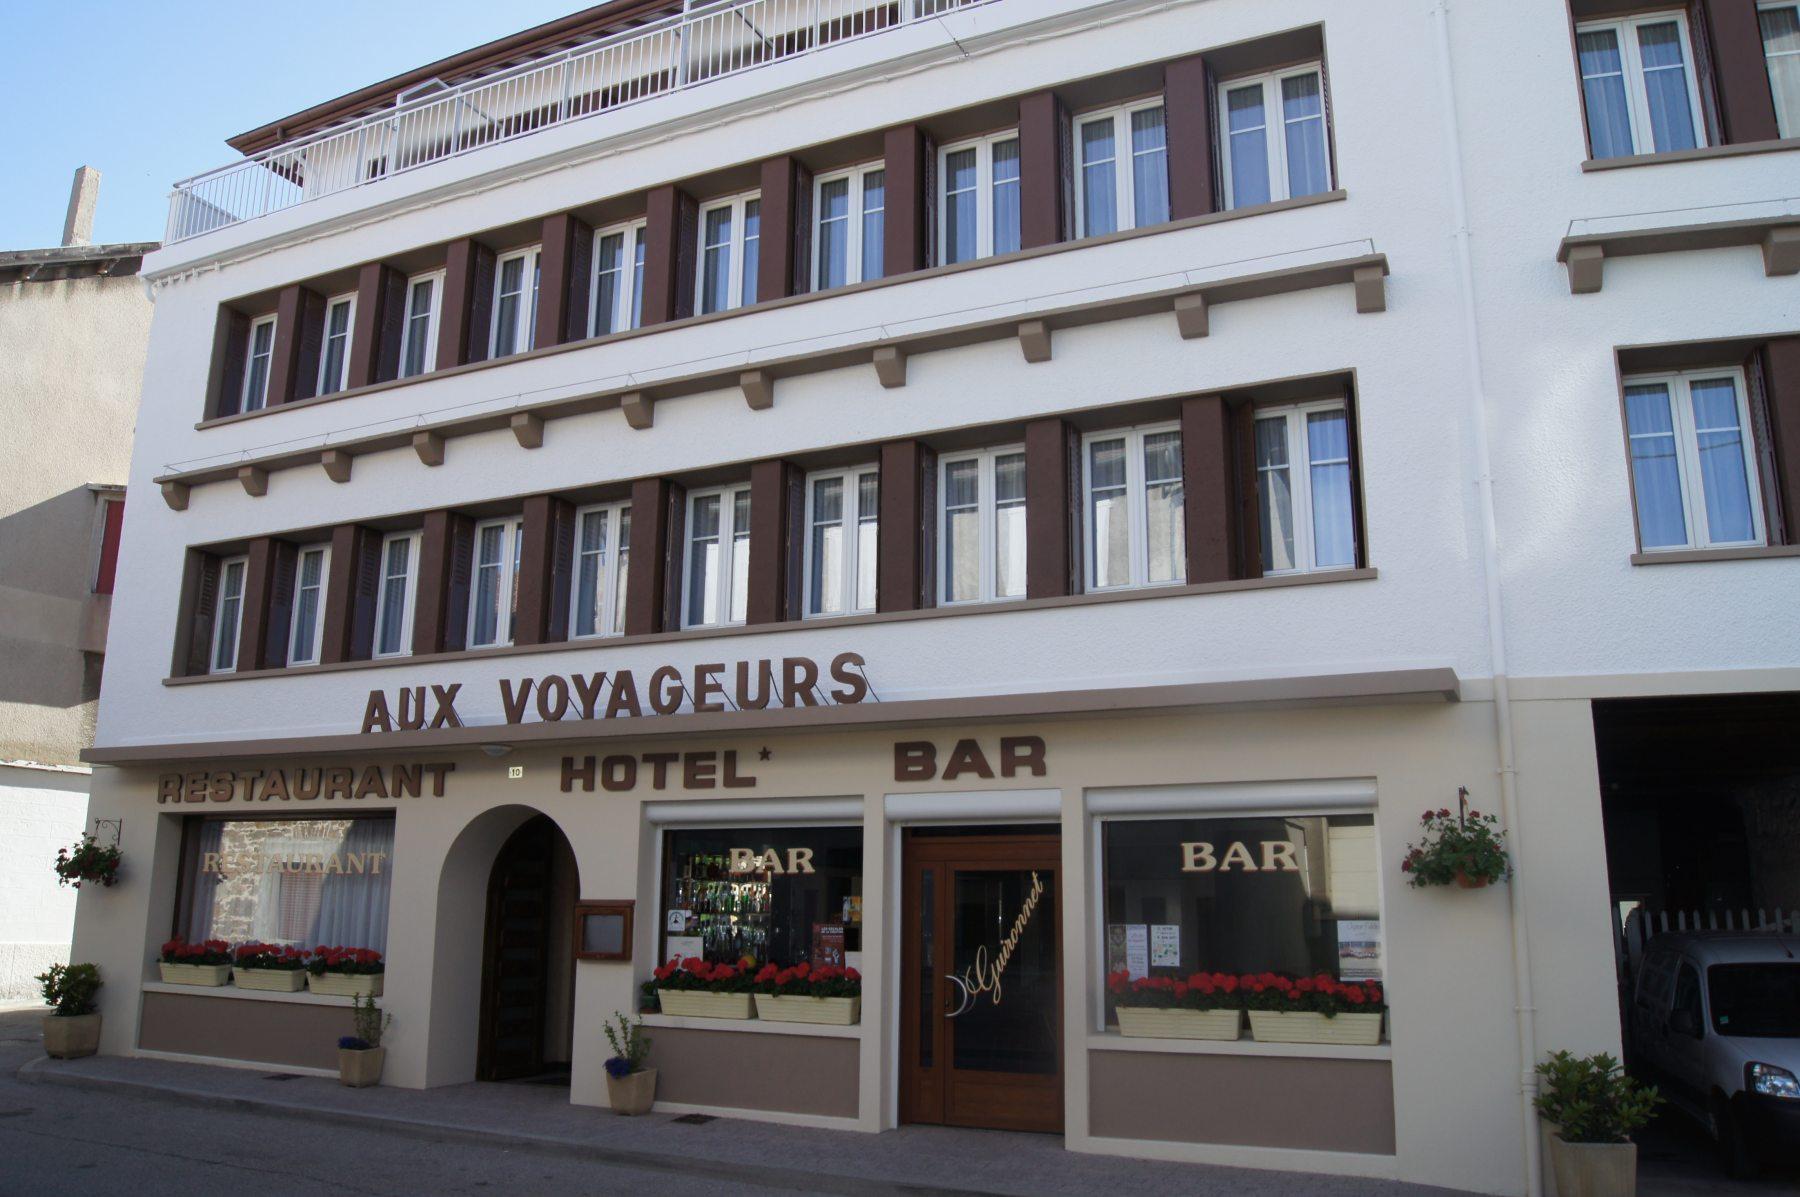 Hôtel Les Voyageurs